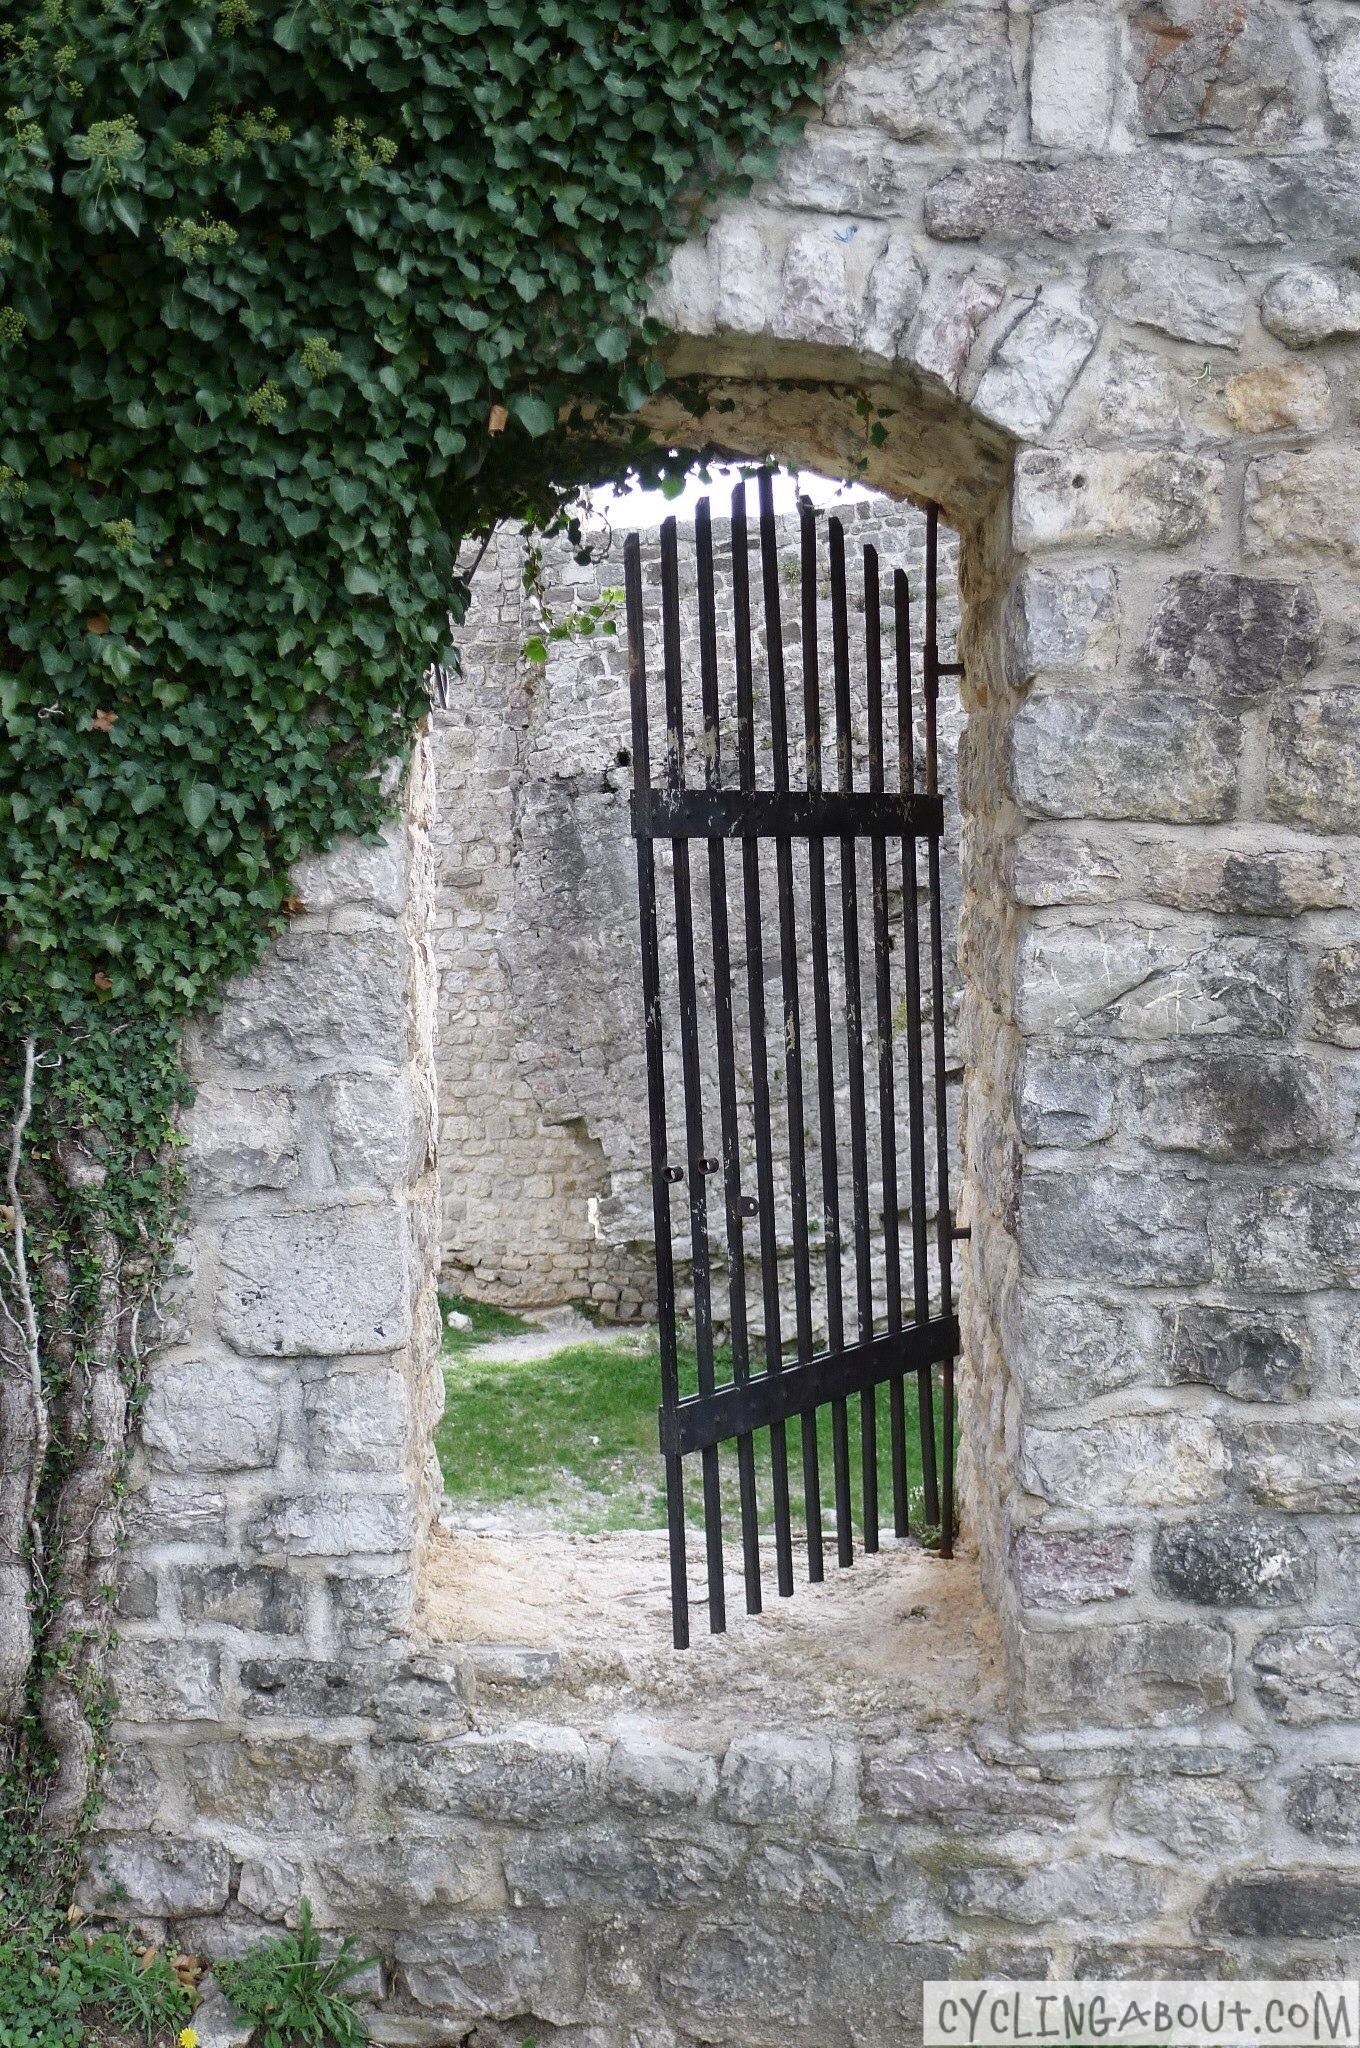 Alleykat_Montenegro gate